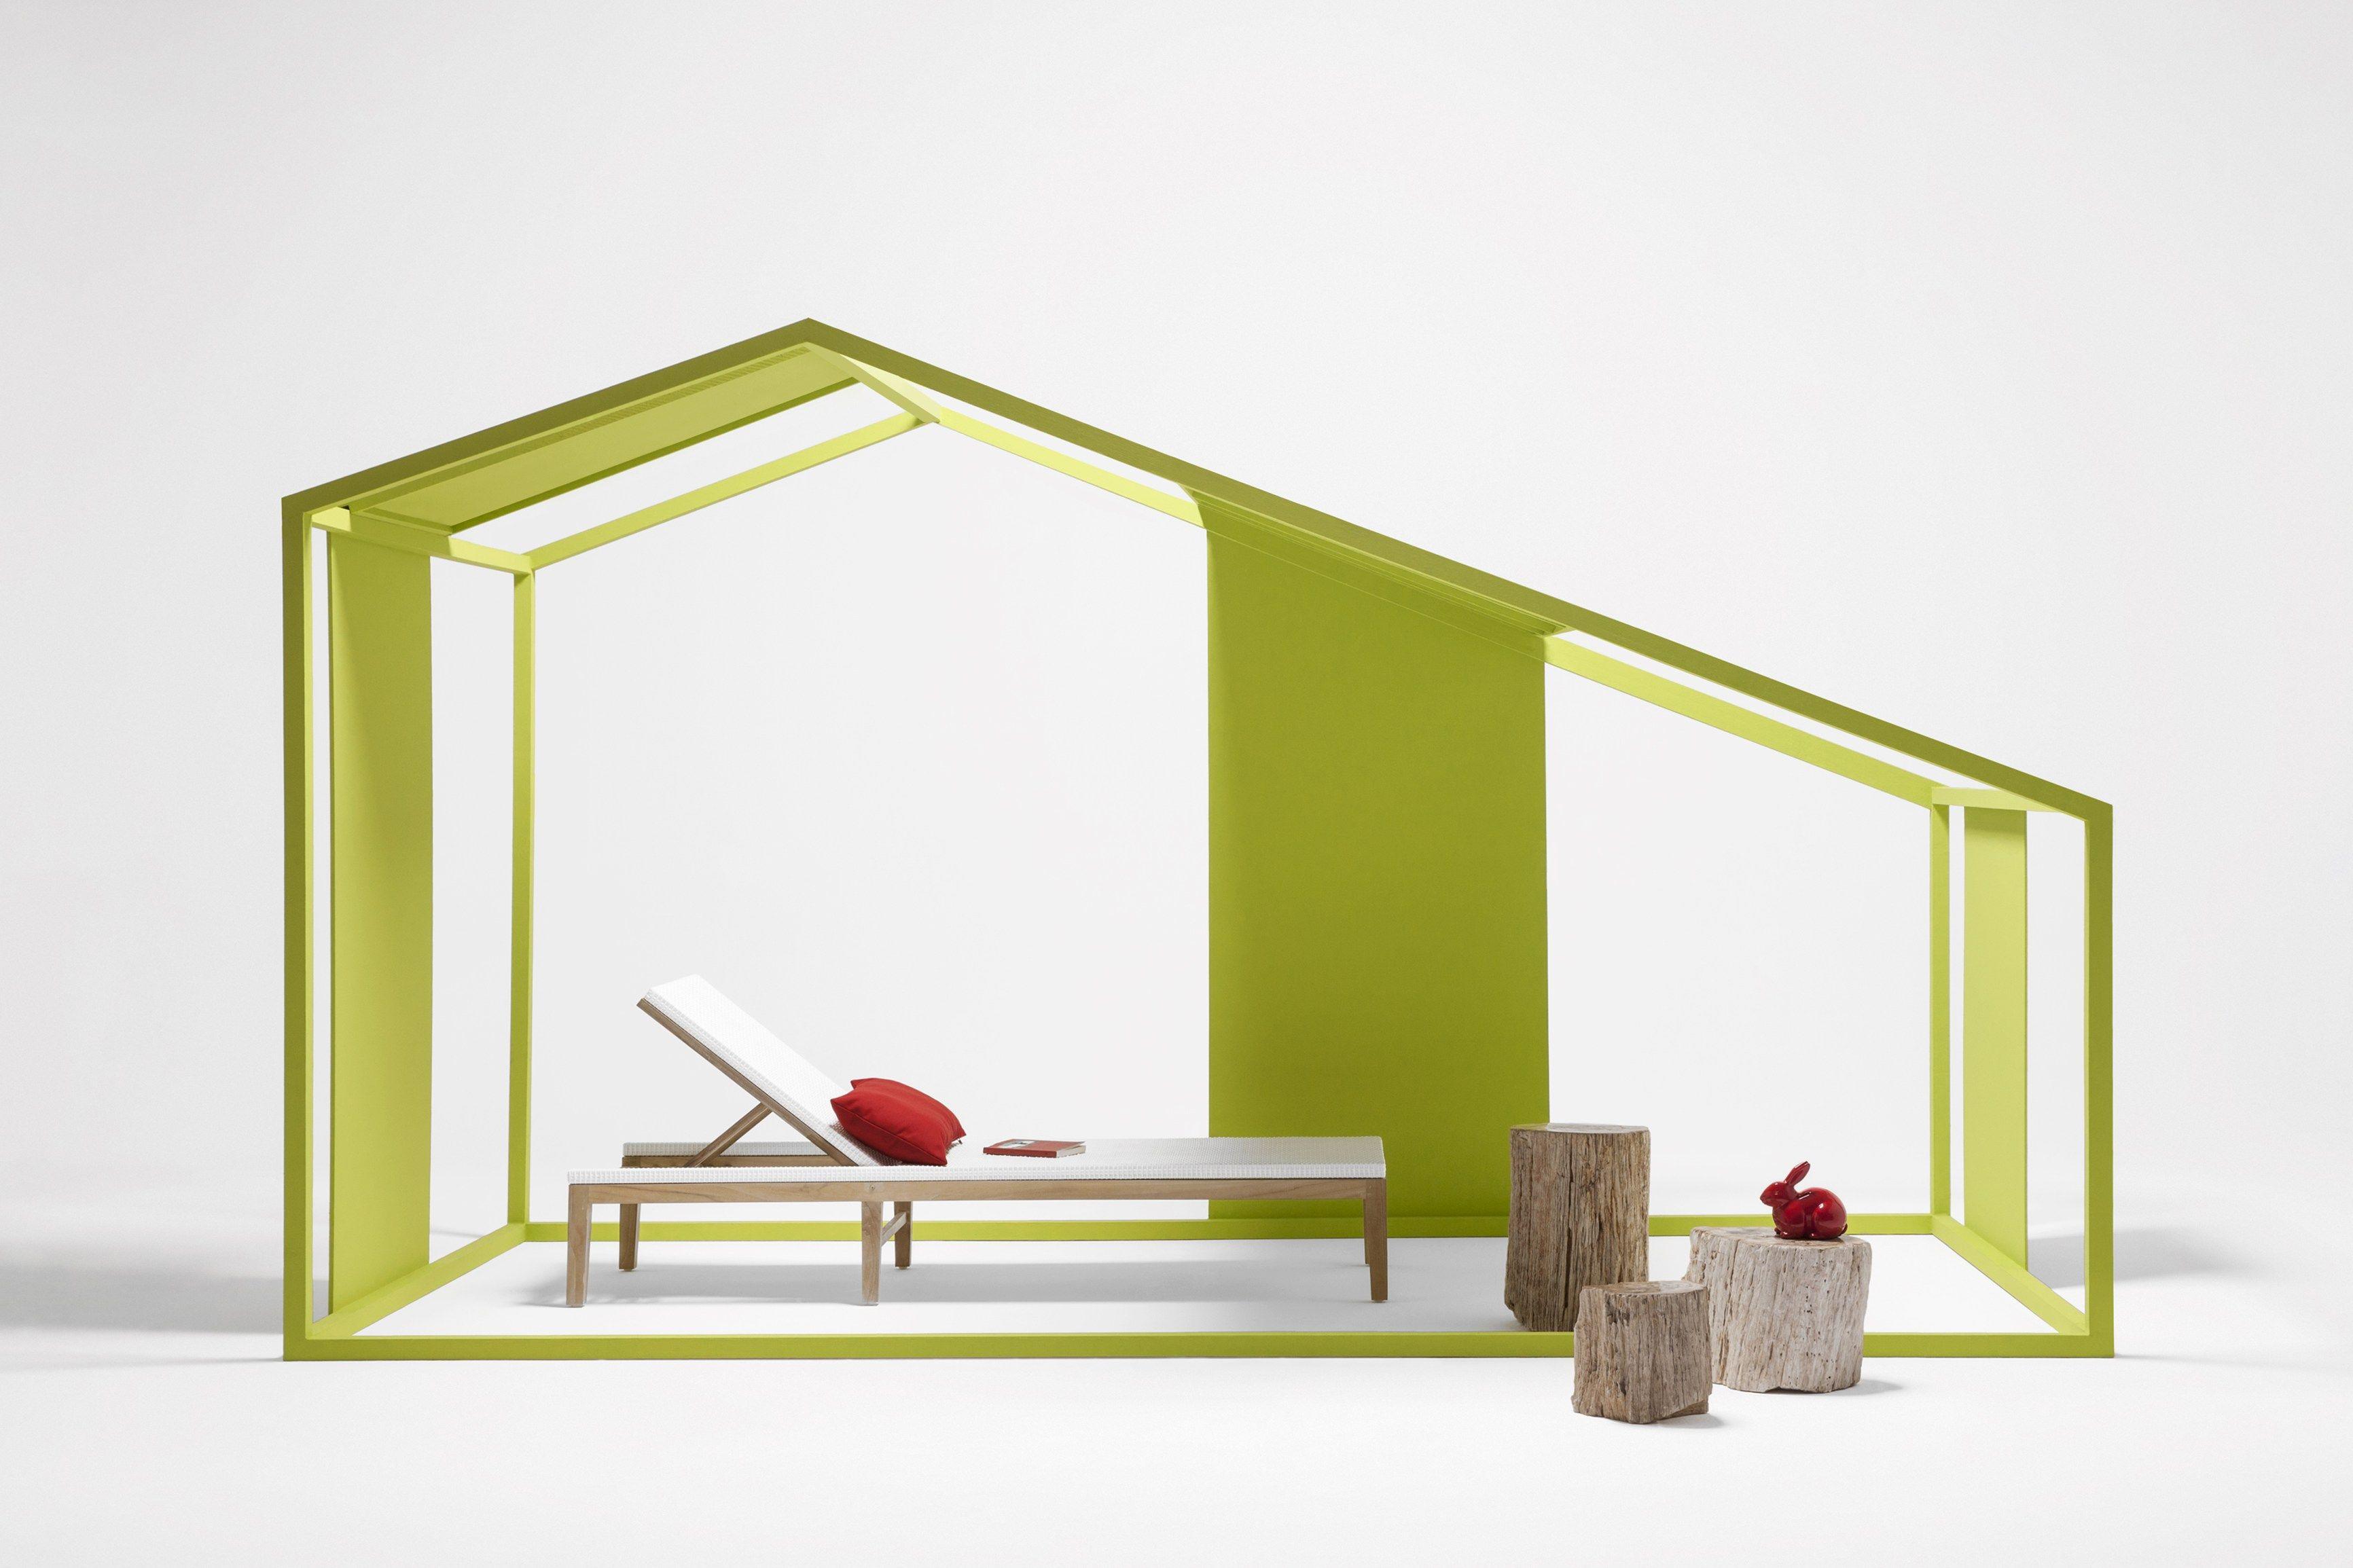 Lettino da giardino reclinabile in fibra sintetica - Il giardino di legno ...